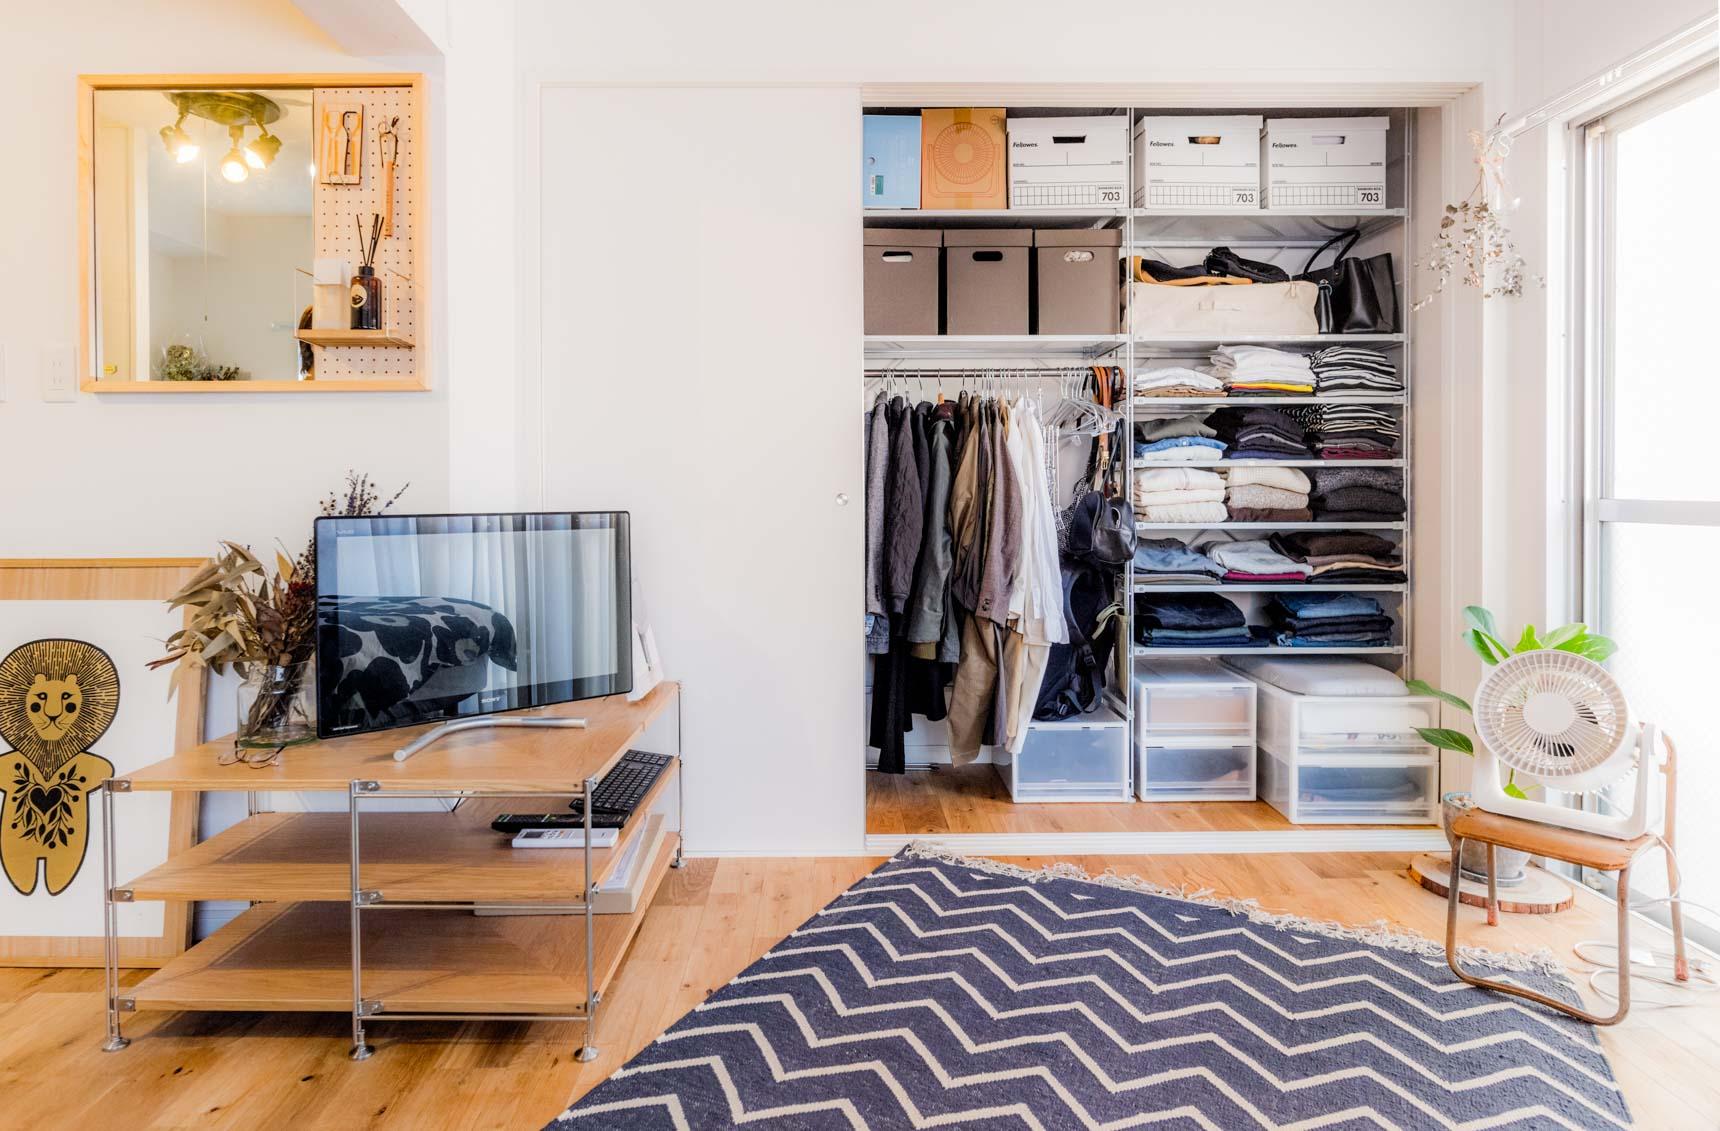 賃貸の小さなクローゼット収納。ごちゃつかずに整頓する方法を教えてください!